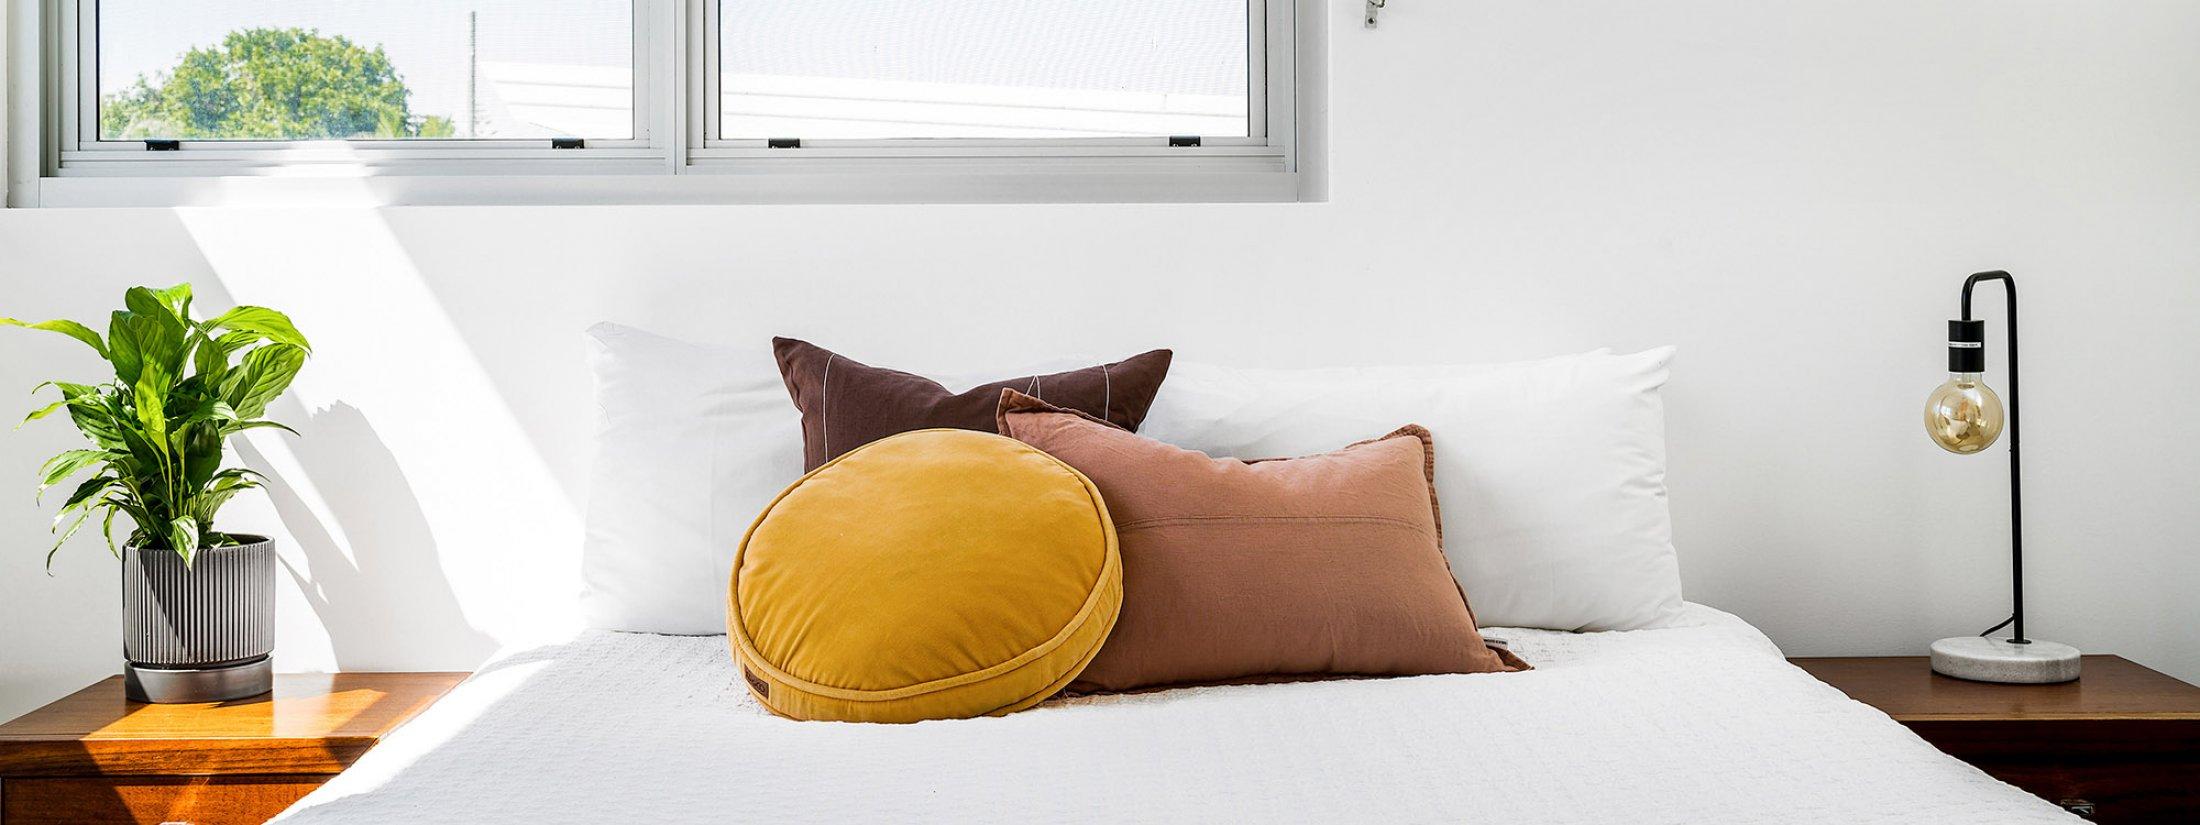 Clique 1 - Byron Bay - Bedroom 3d